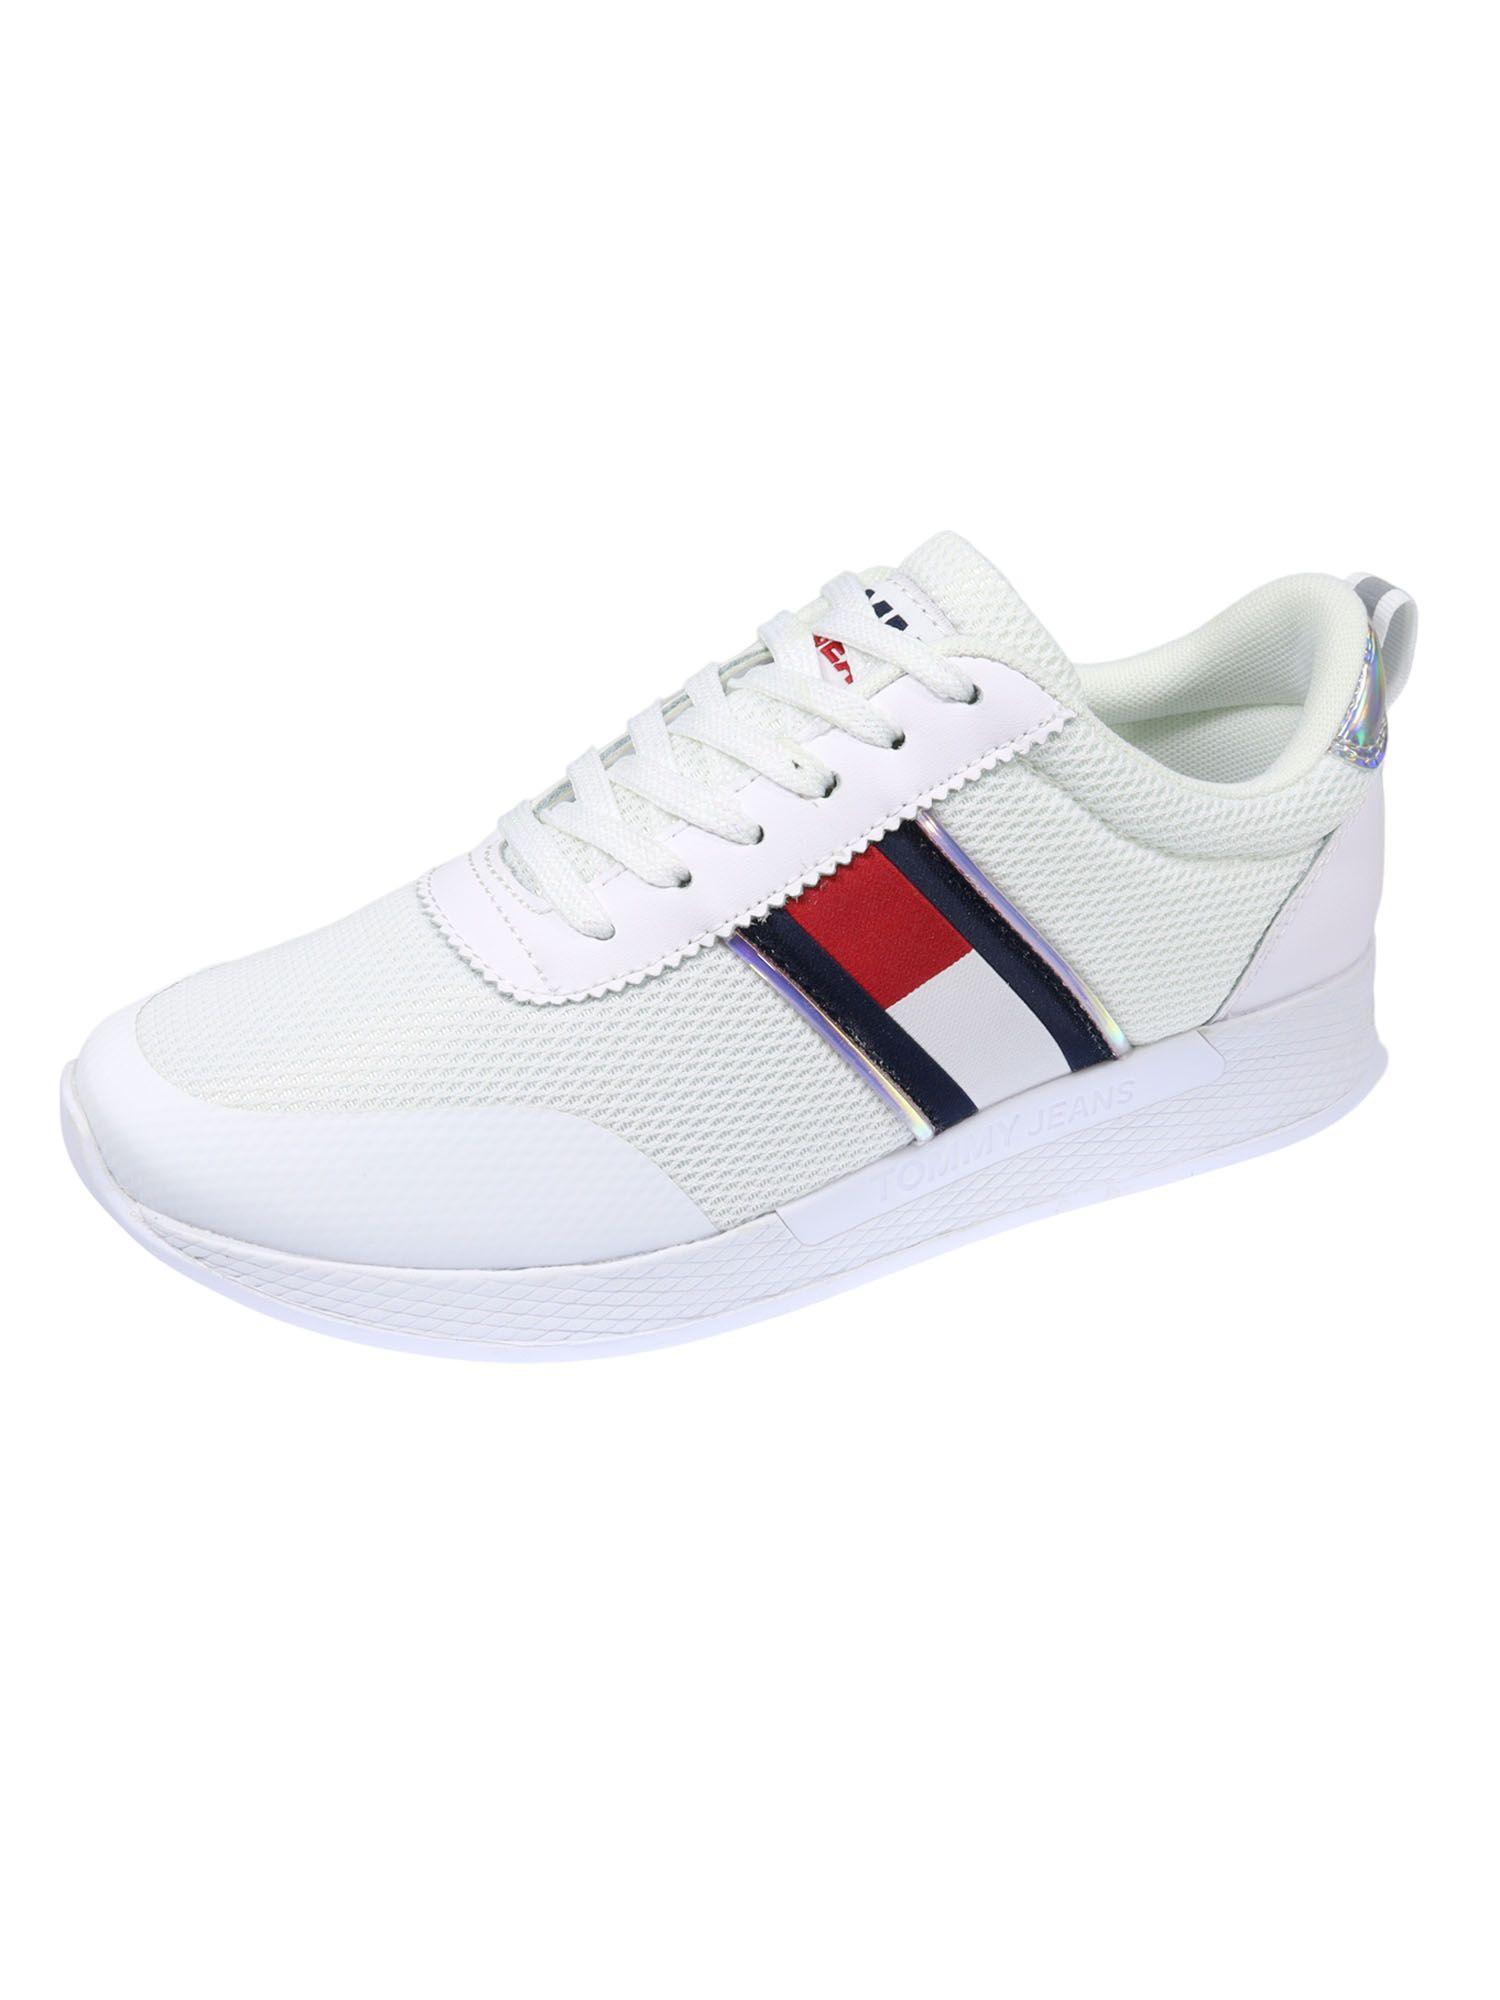 Tommy Hilfiger Damen Schuhe Technical Flexi Sneaker Weiß Sneakers 38